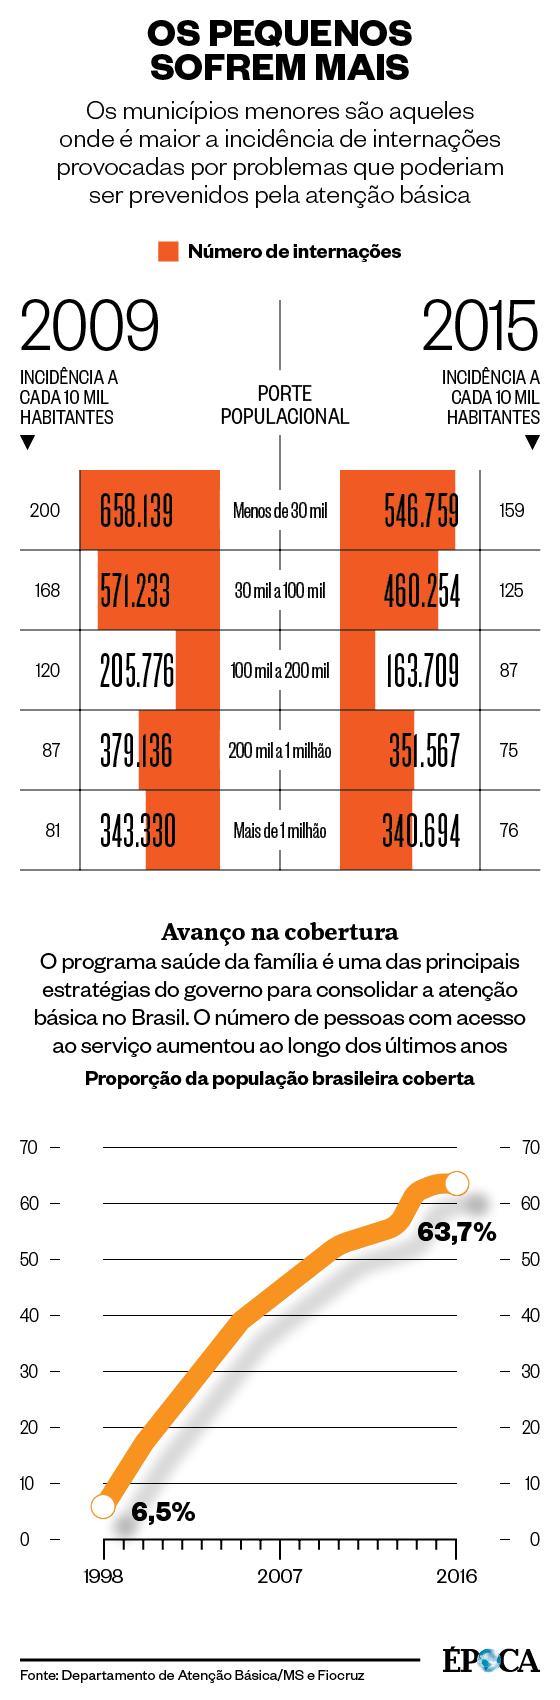 Nos municípios com menos de 30 mil habitantes, são mais frequentes as internações por condições sensíveis à atenção básica (Foto: Redação Época)